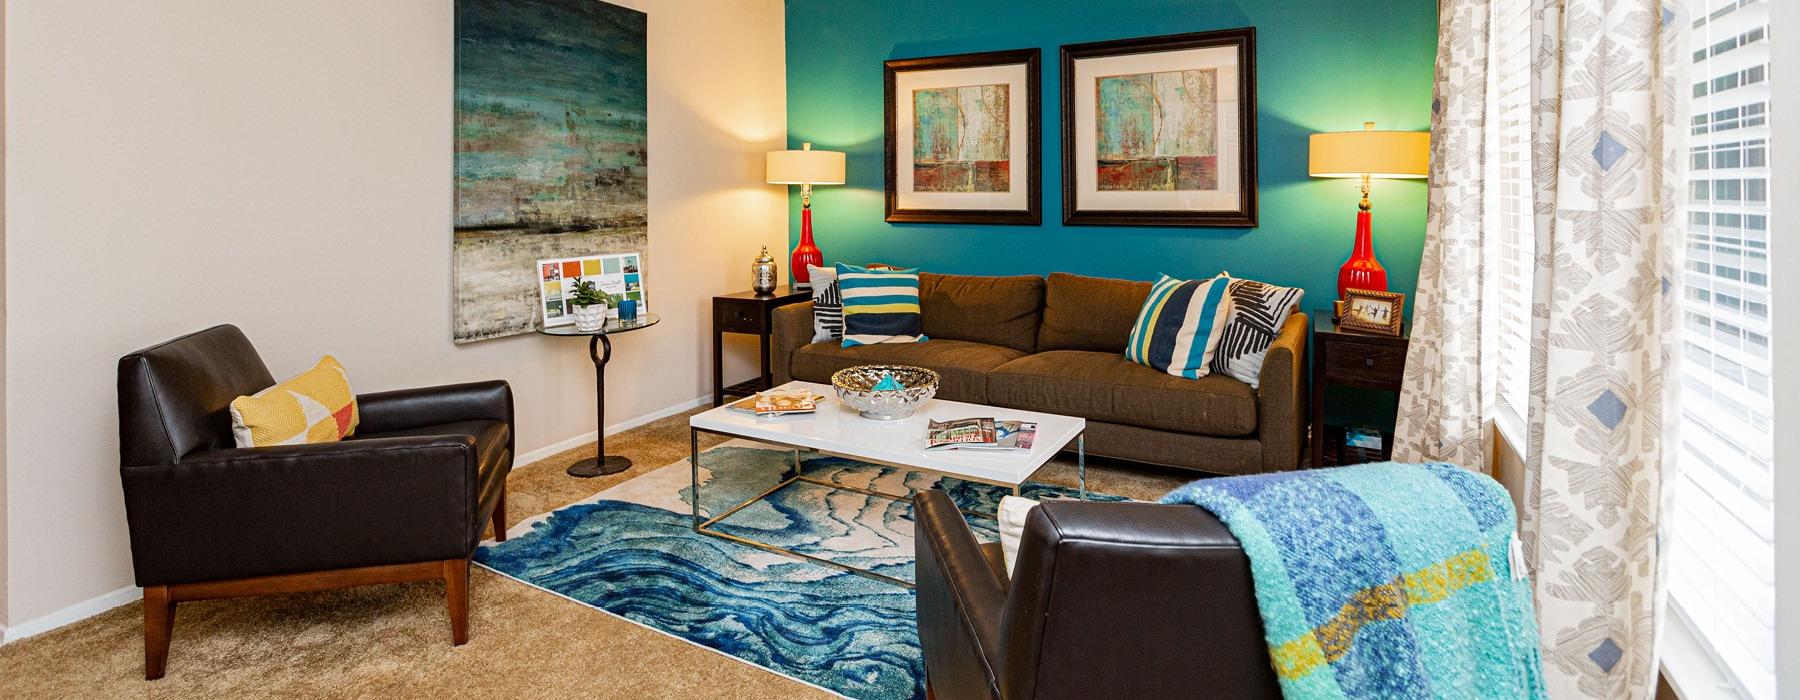 well lit, furnished model living room